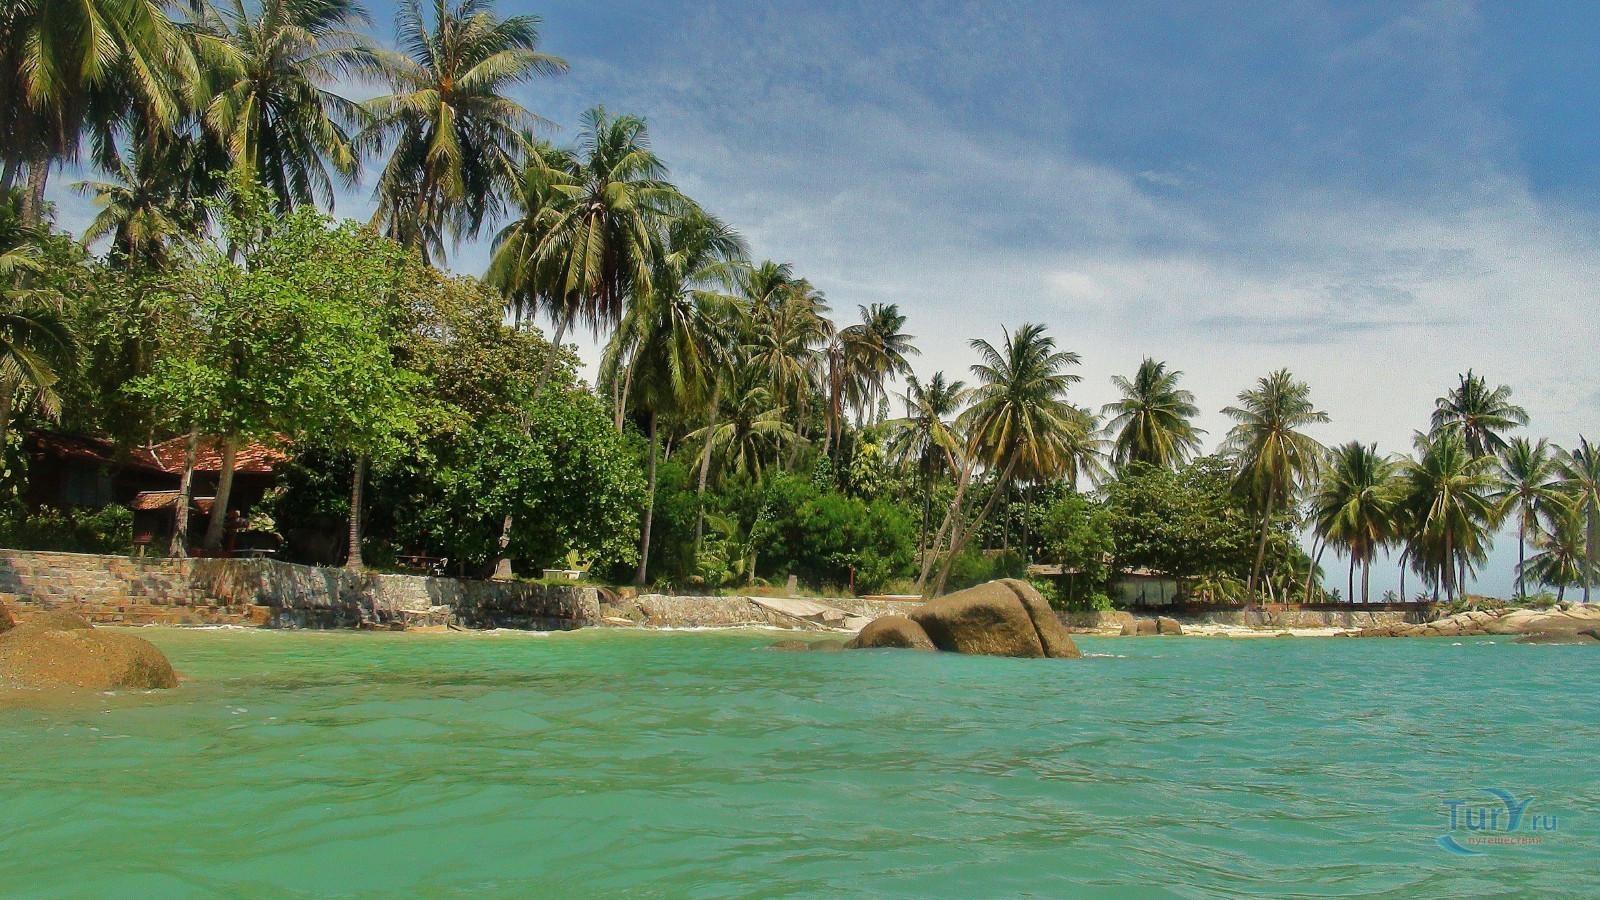 Пляж Лаем Сет